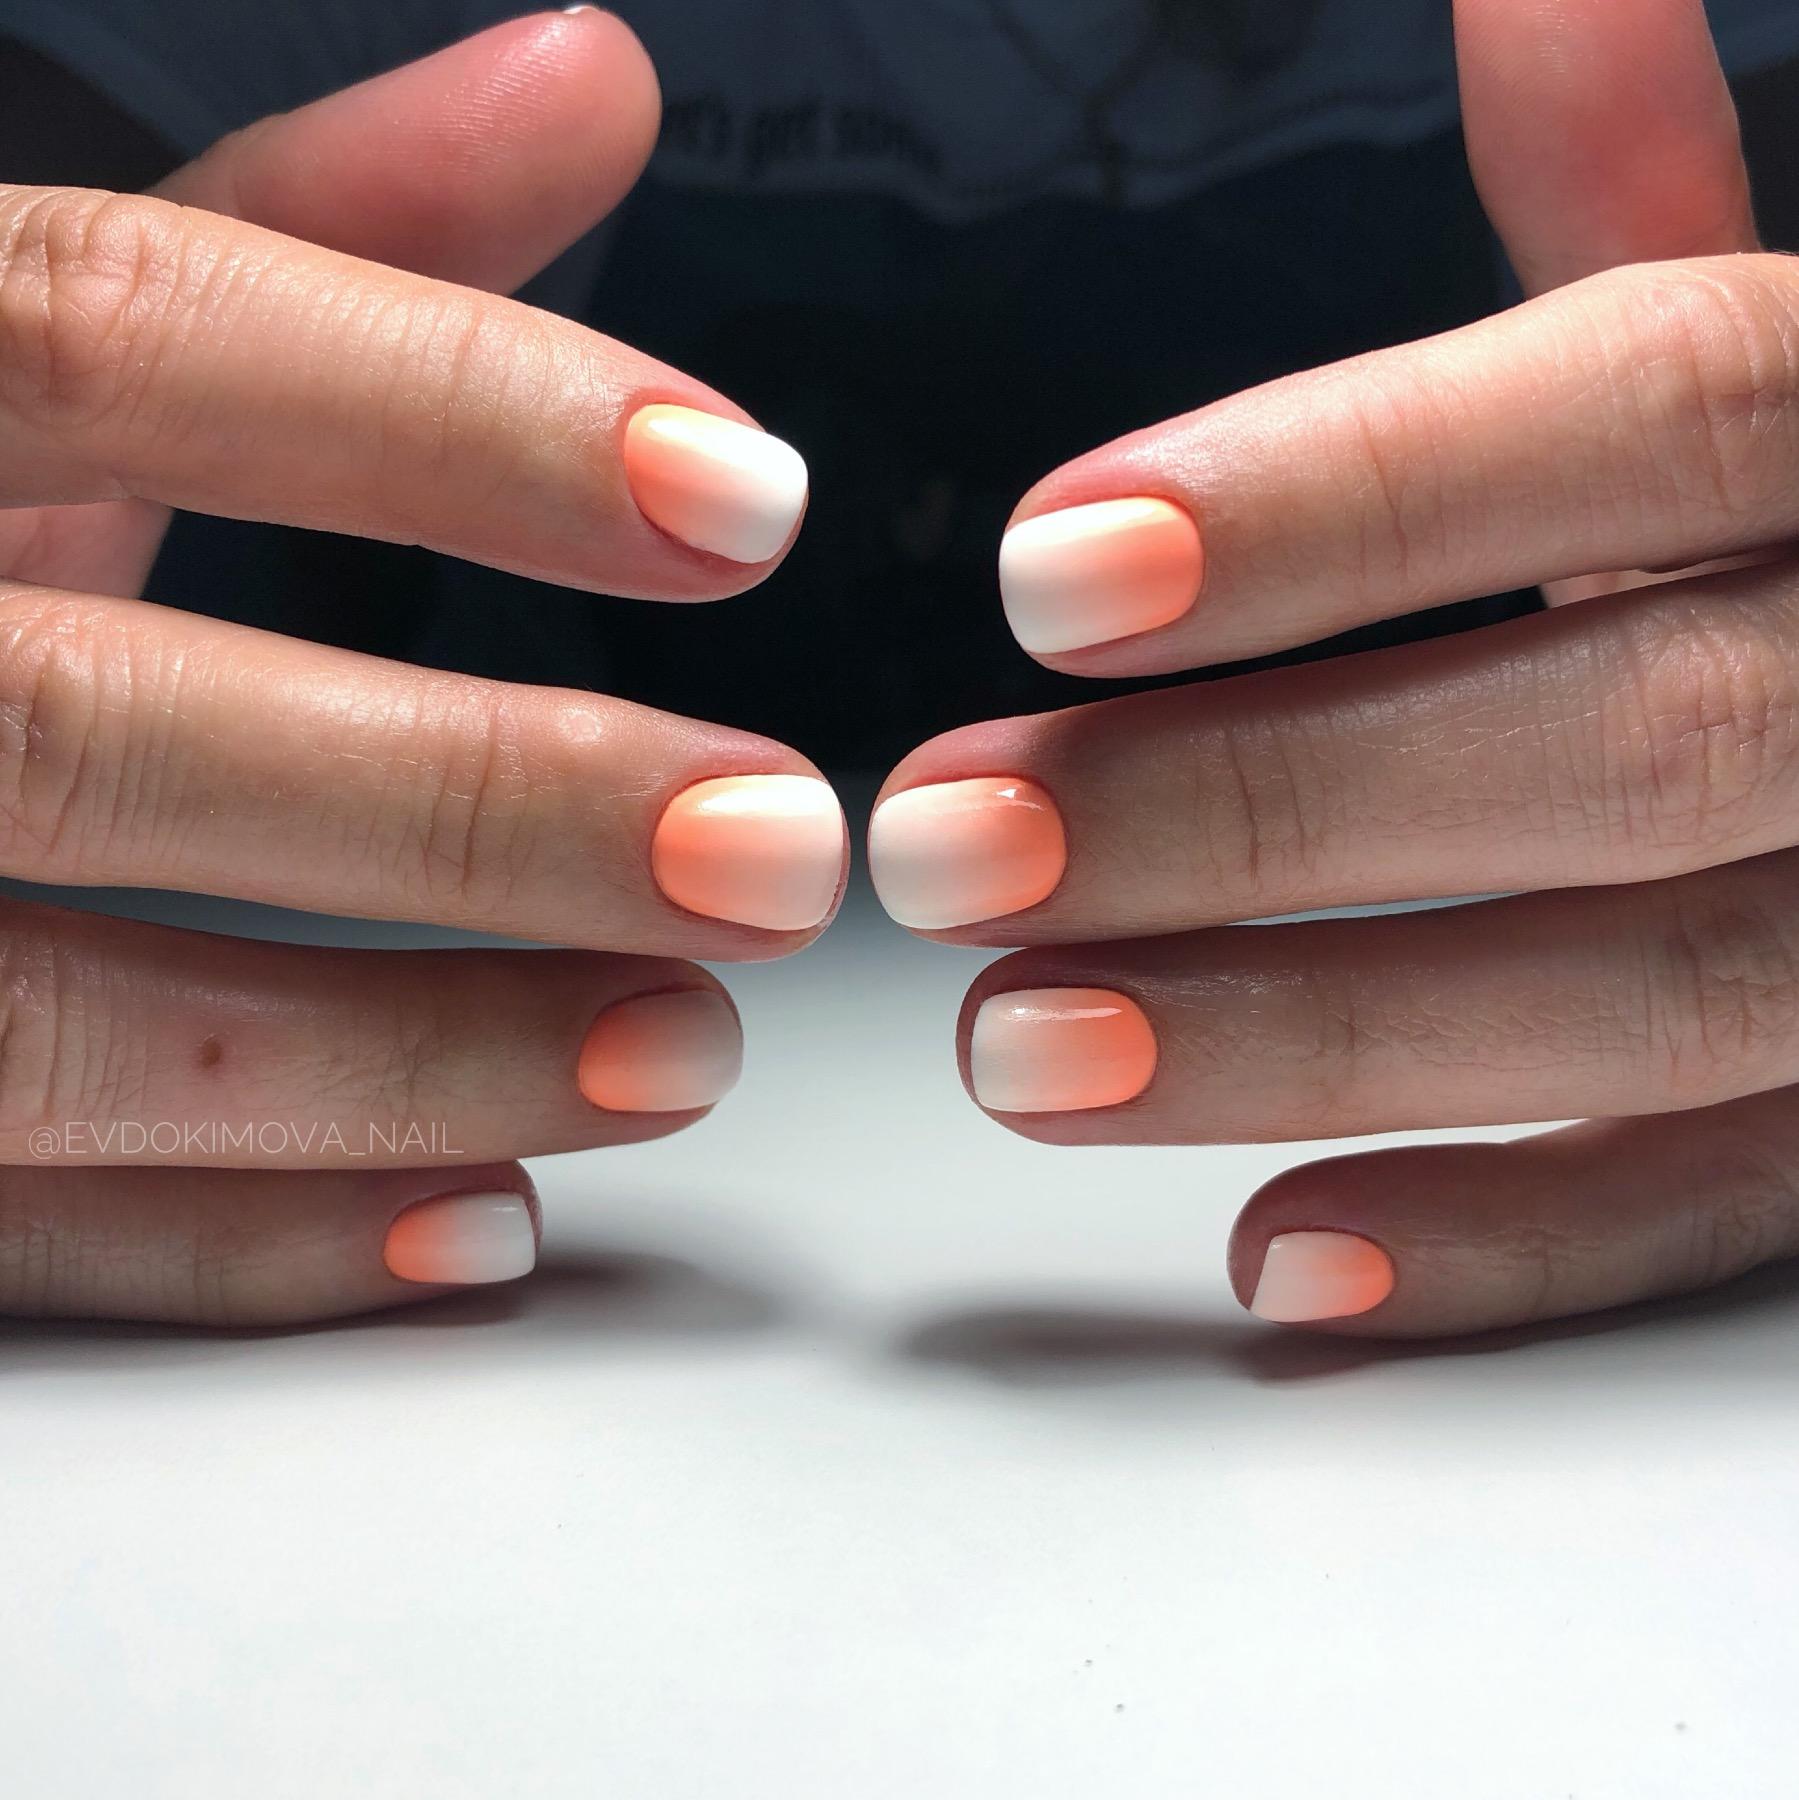 Маникюр с градиентом в персиковом цвете на короткие ногти.